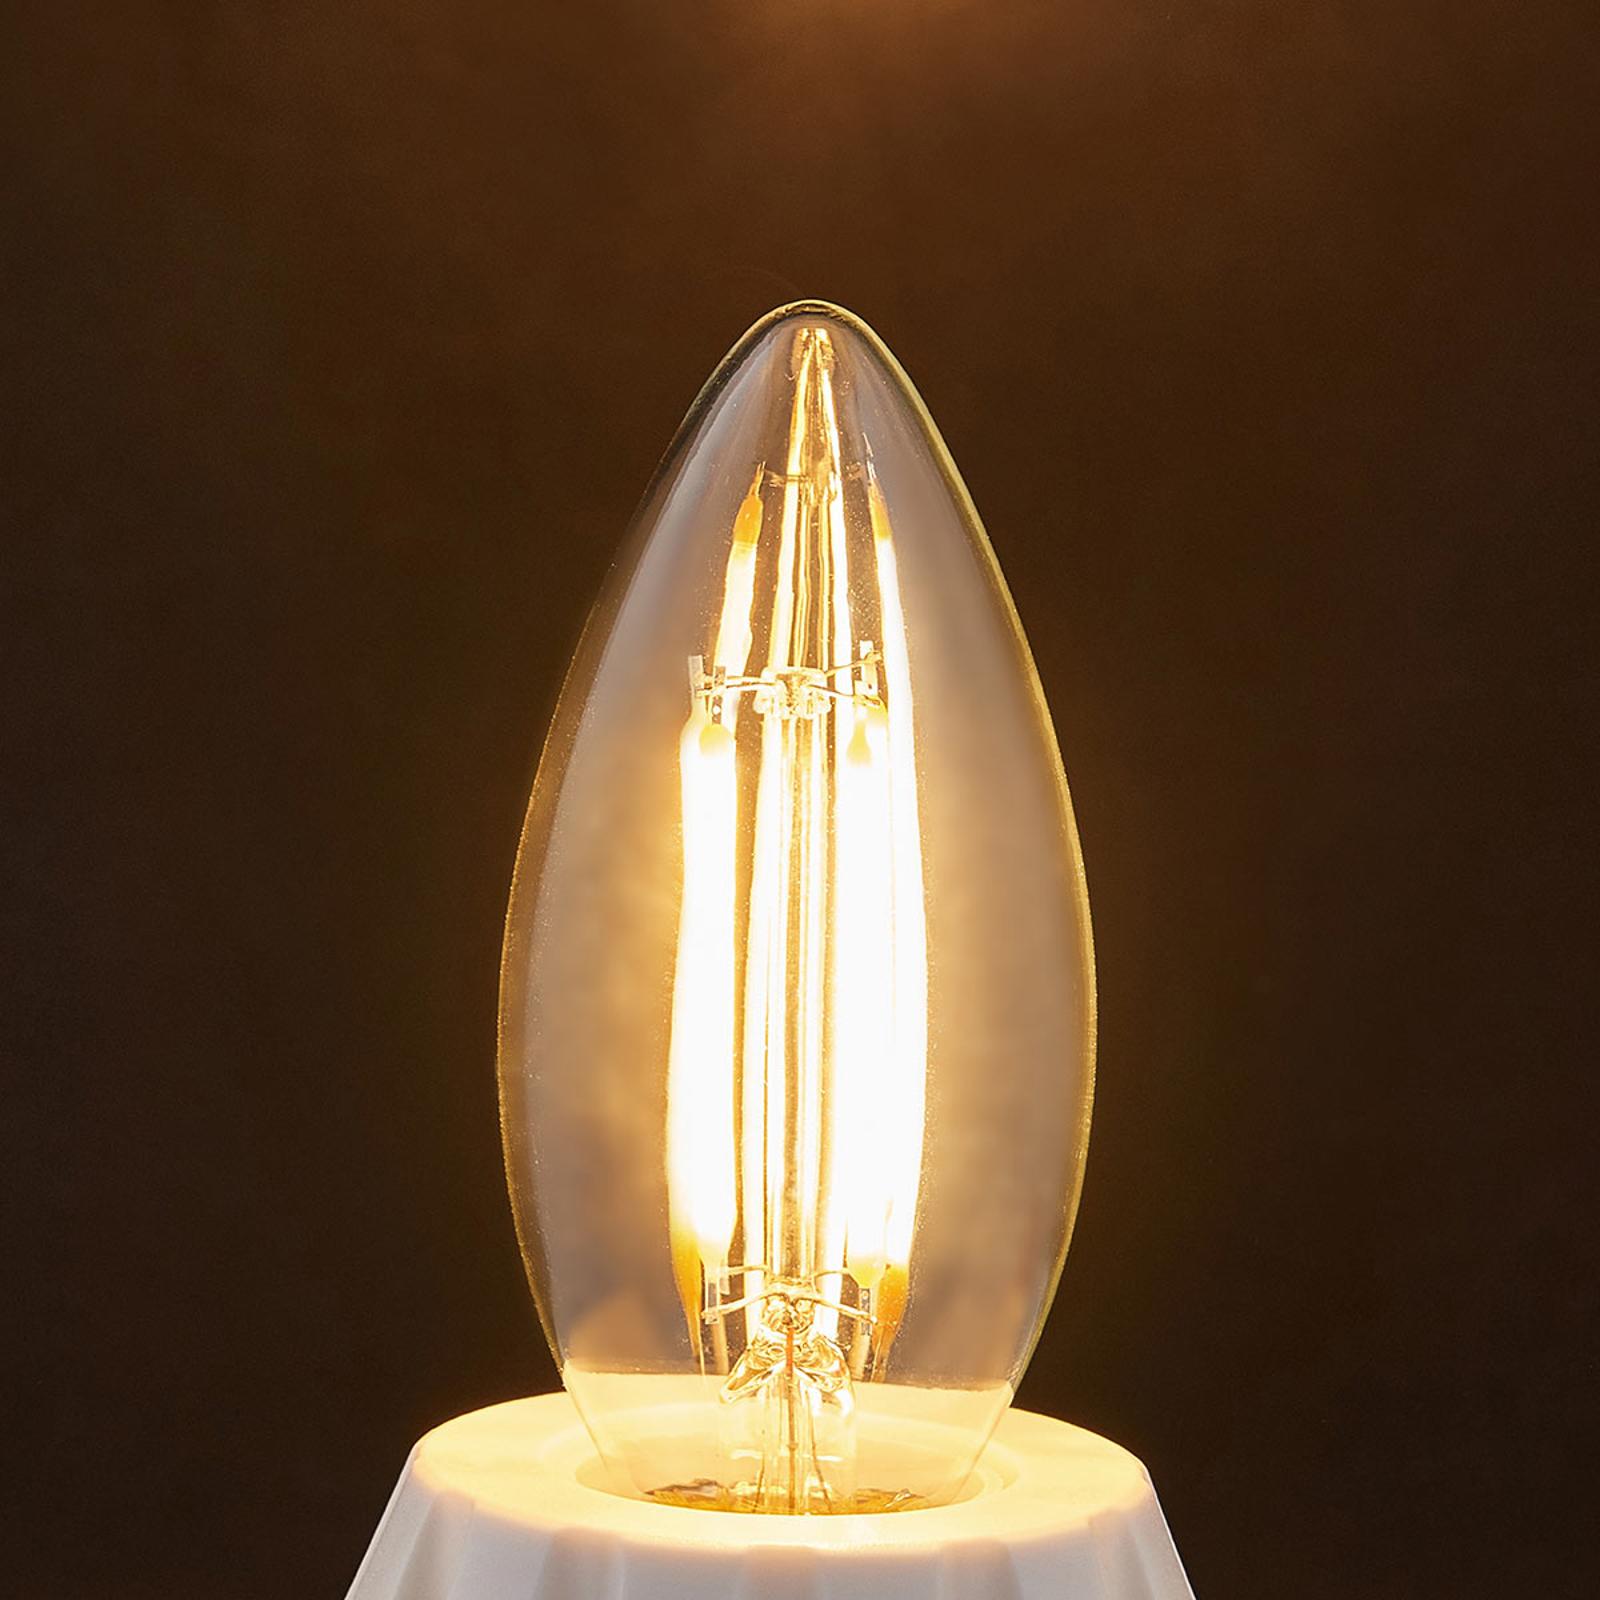 E14 LED žárovka svíčka Filament 4 W 470 lm 2 700 K